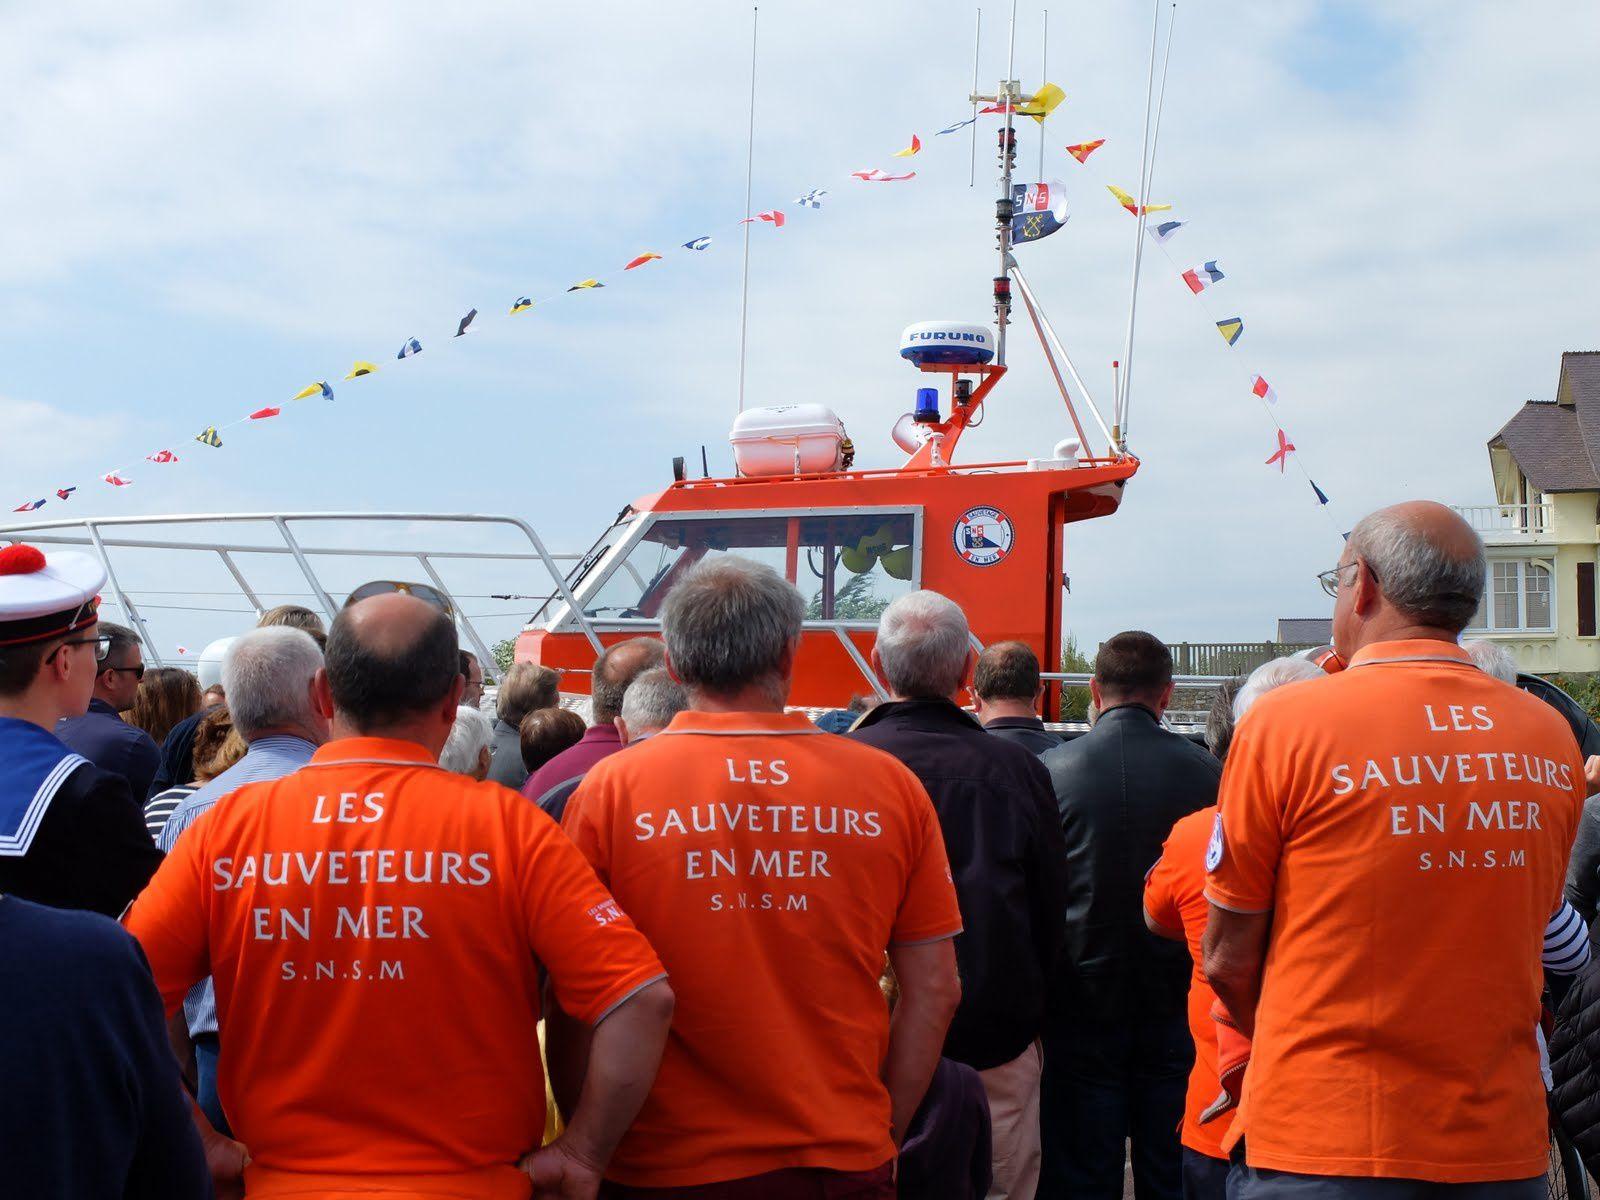 Bénédiction de la SNS 462 &quot&#x3B;PERE LEFORT&quot&#x3B;, inauguration de la station de sauvetage